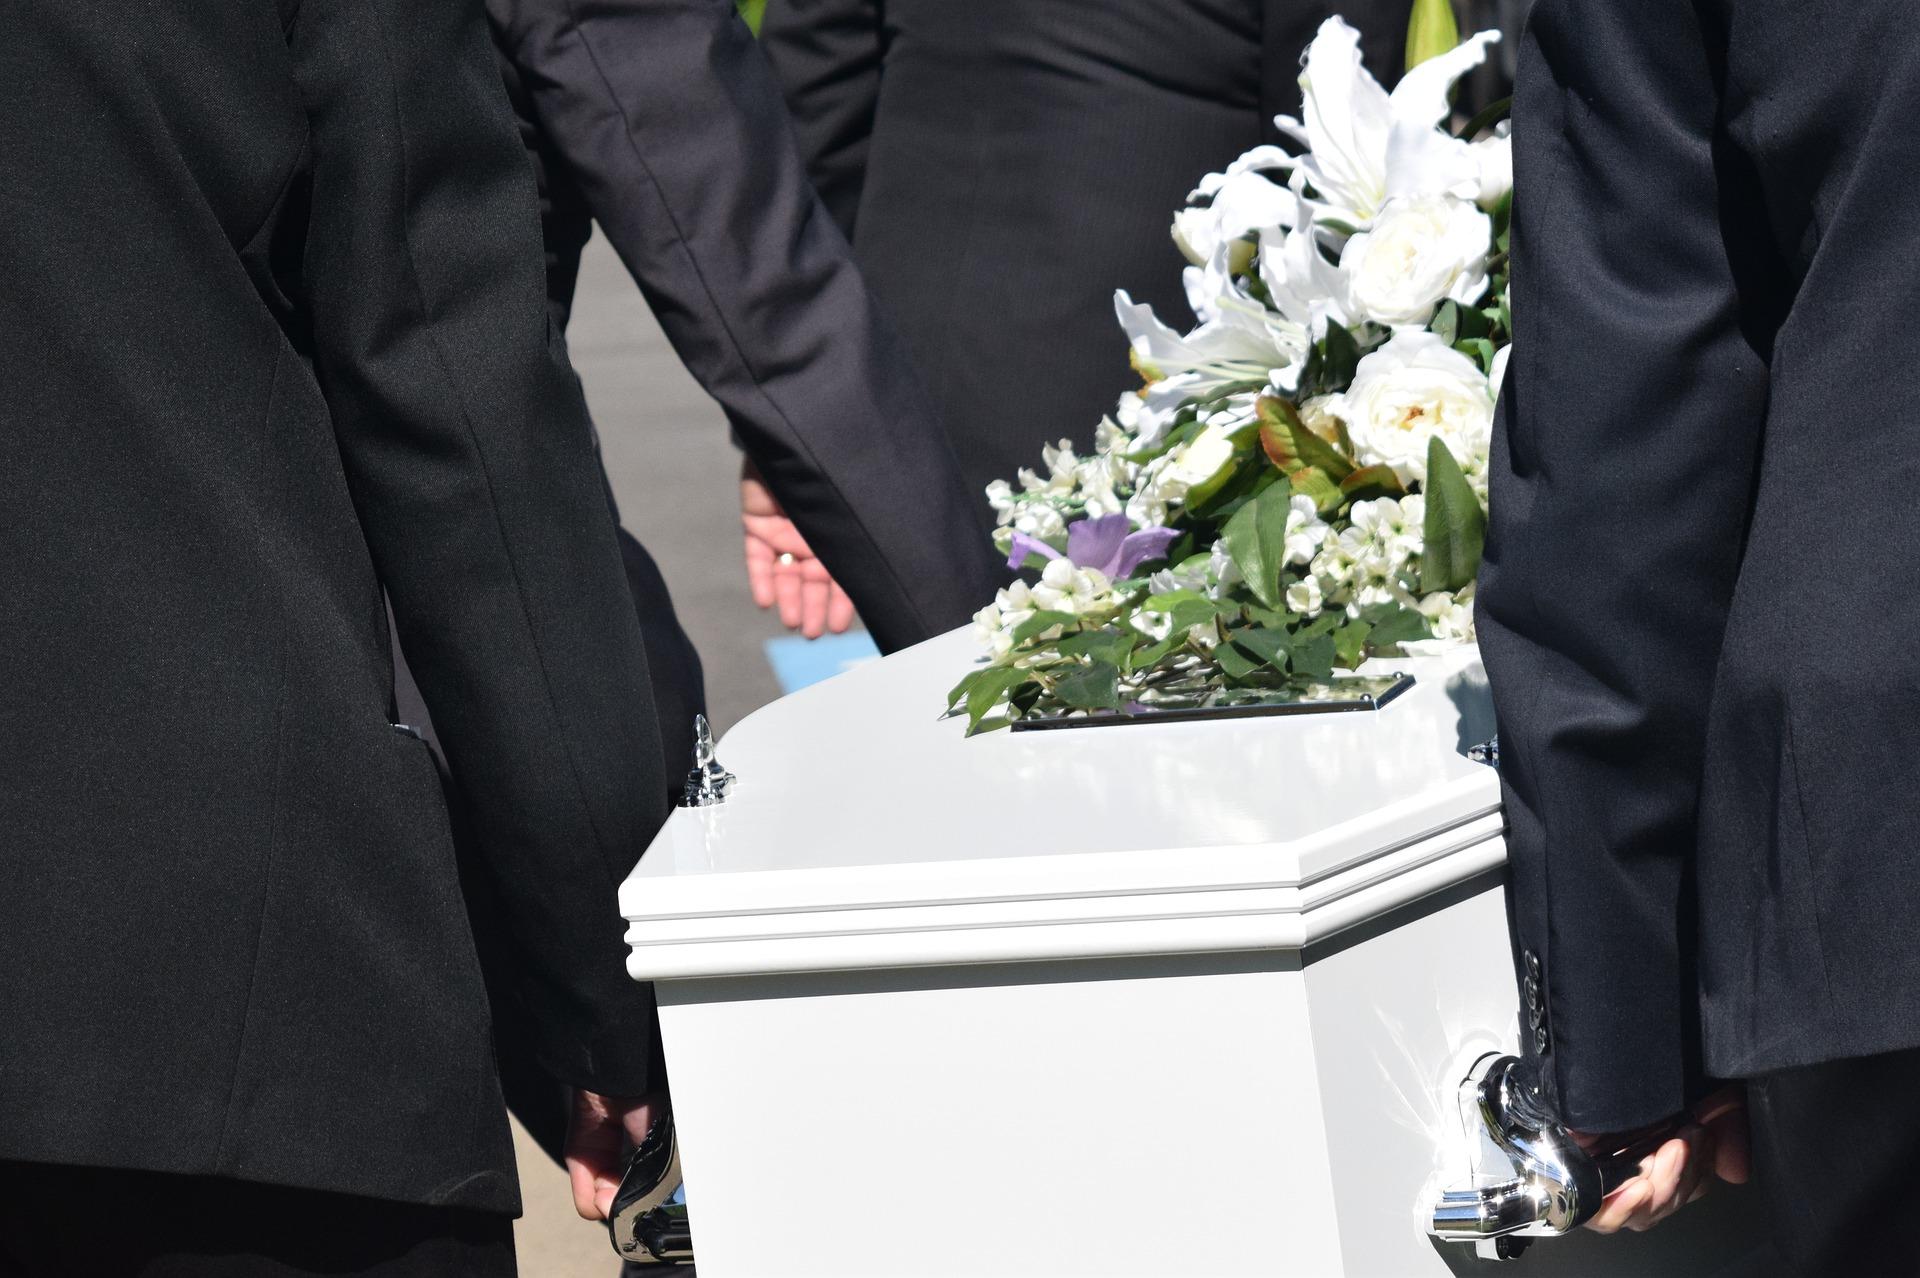 Halottnak hitték a nőt